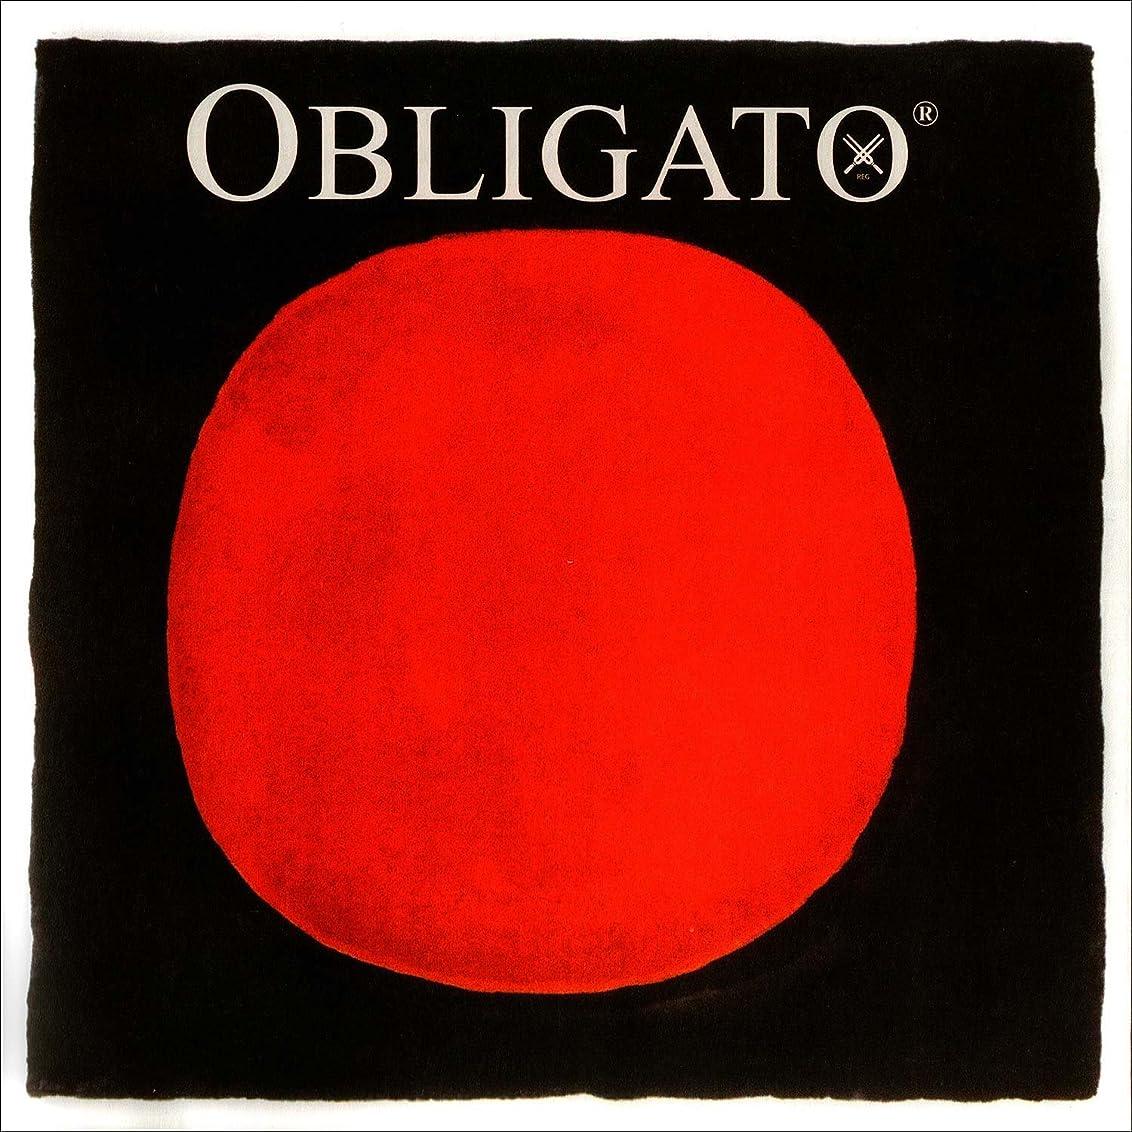 細分化する区別する誓いオブリガート OBLIGATOバイオリン弦(4/4)セット E線ボールエンド